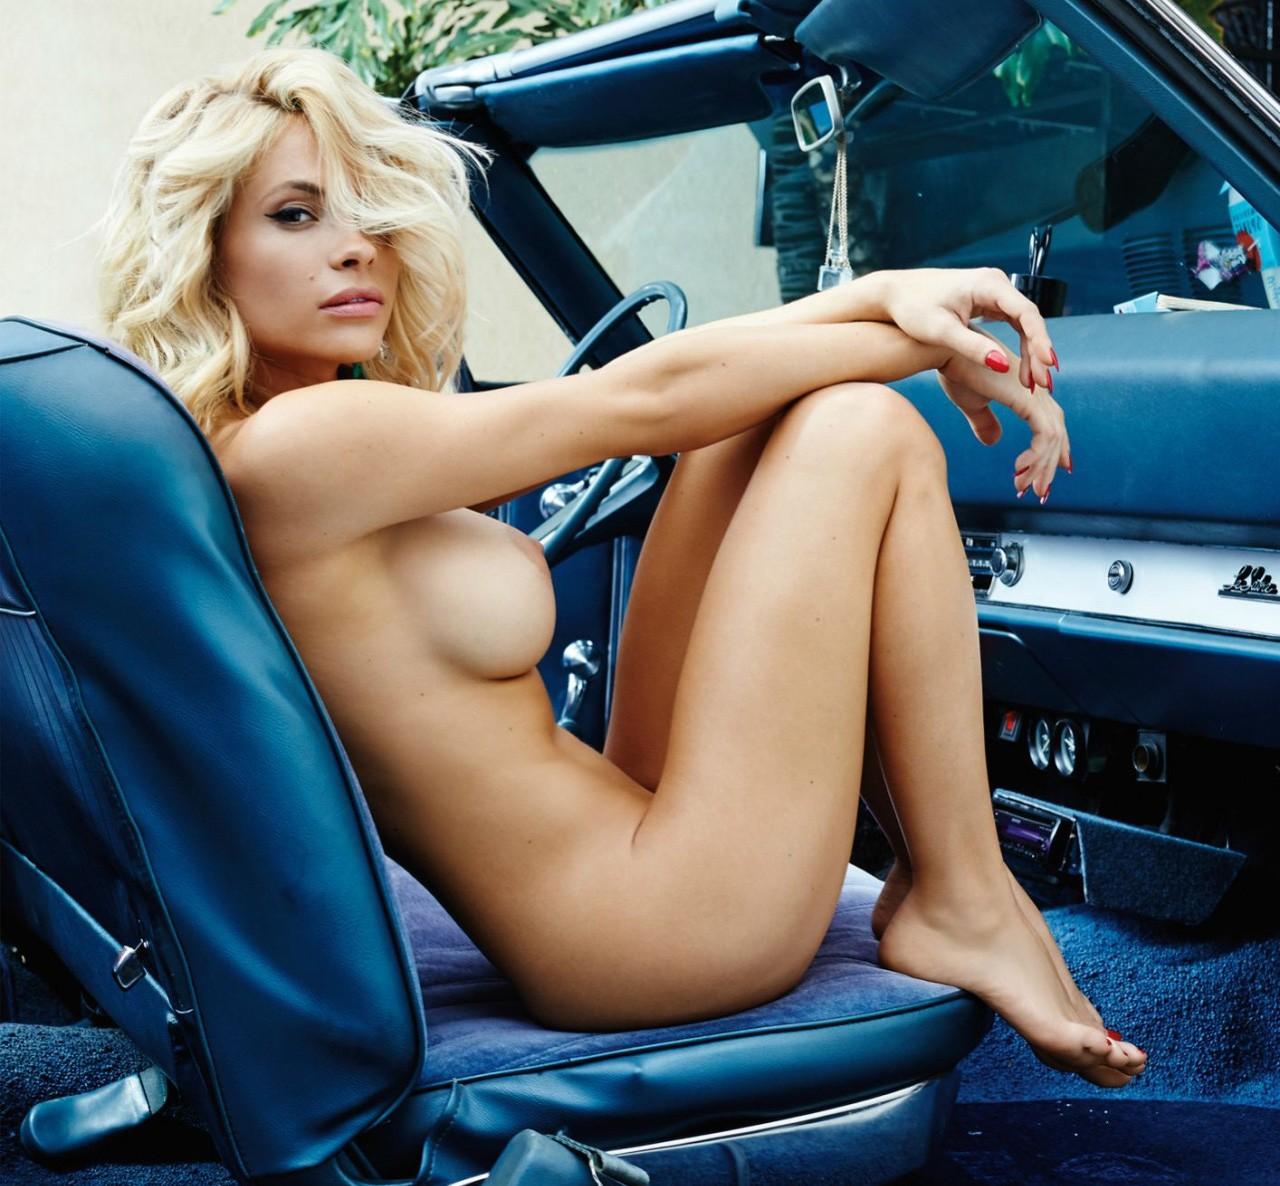 Jeune femme nue dans des galeries de photos rotiques